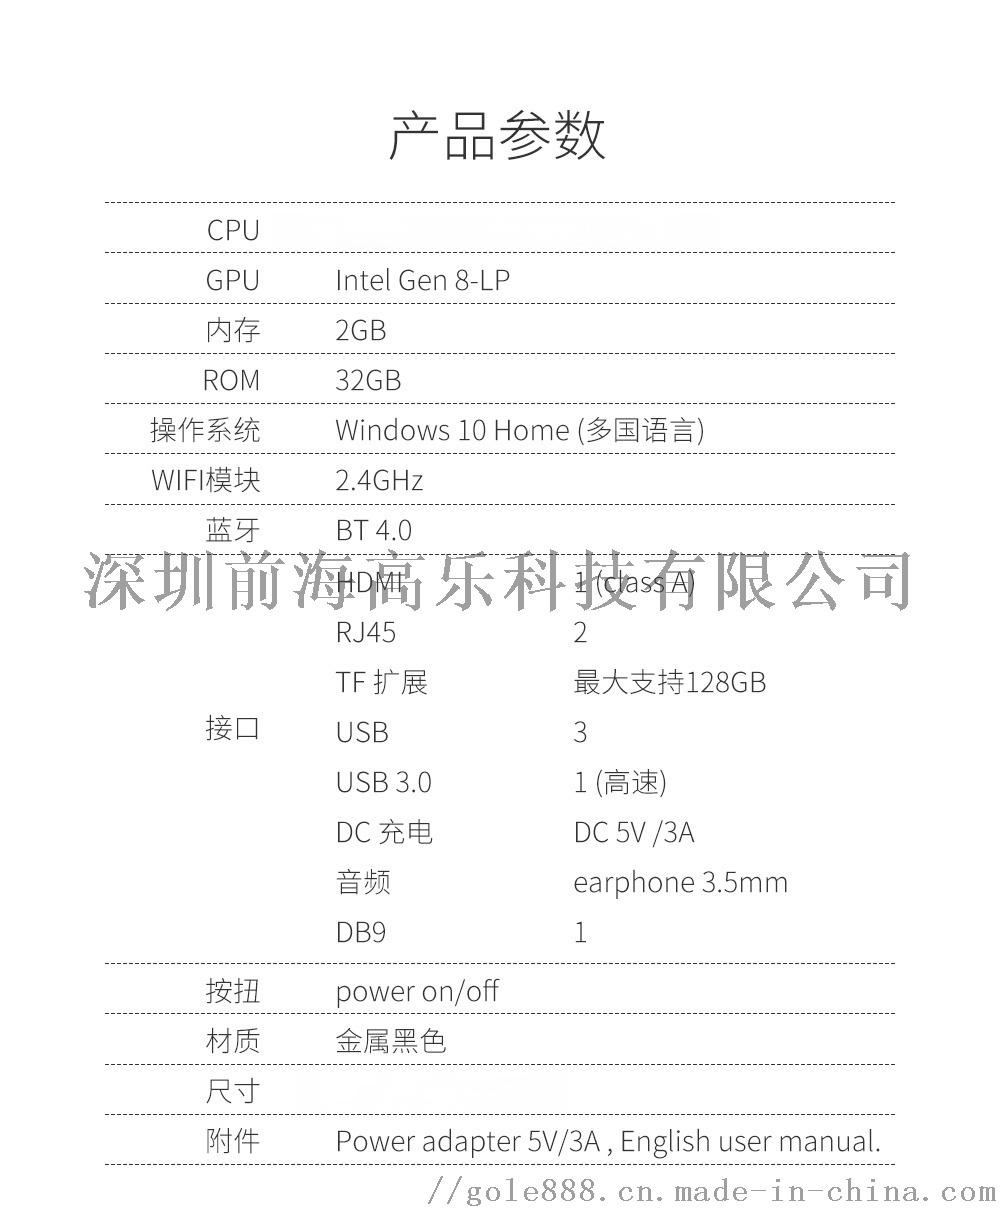 B2-I81AS詳情頁-中文-加浮水印_07.jpg